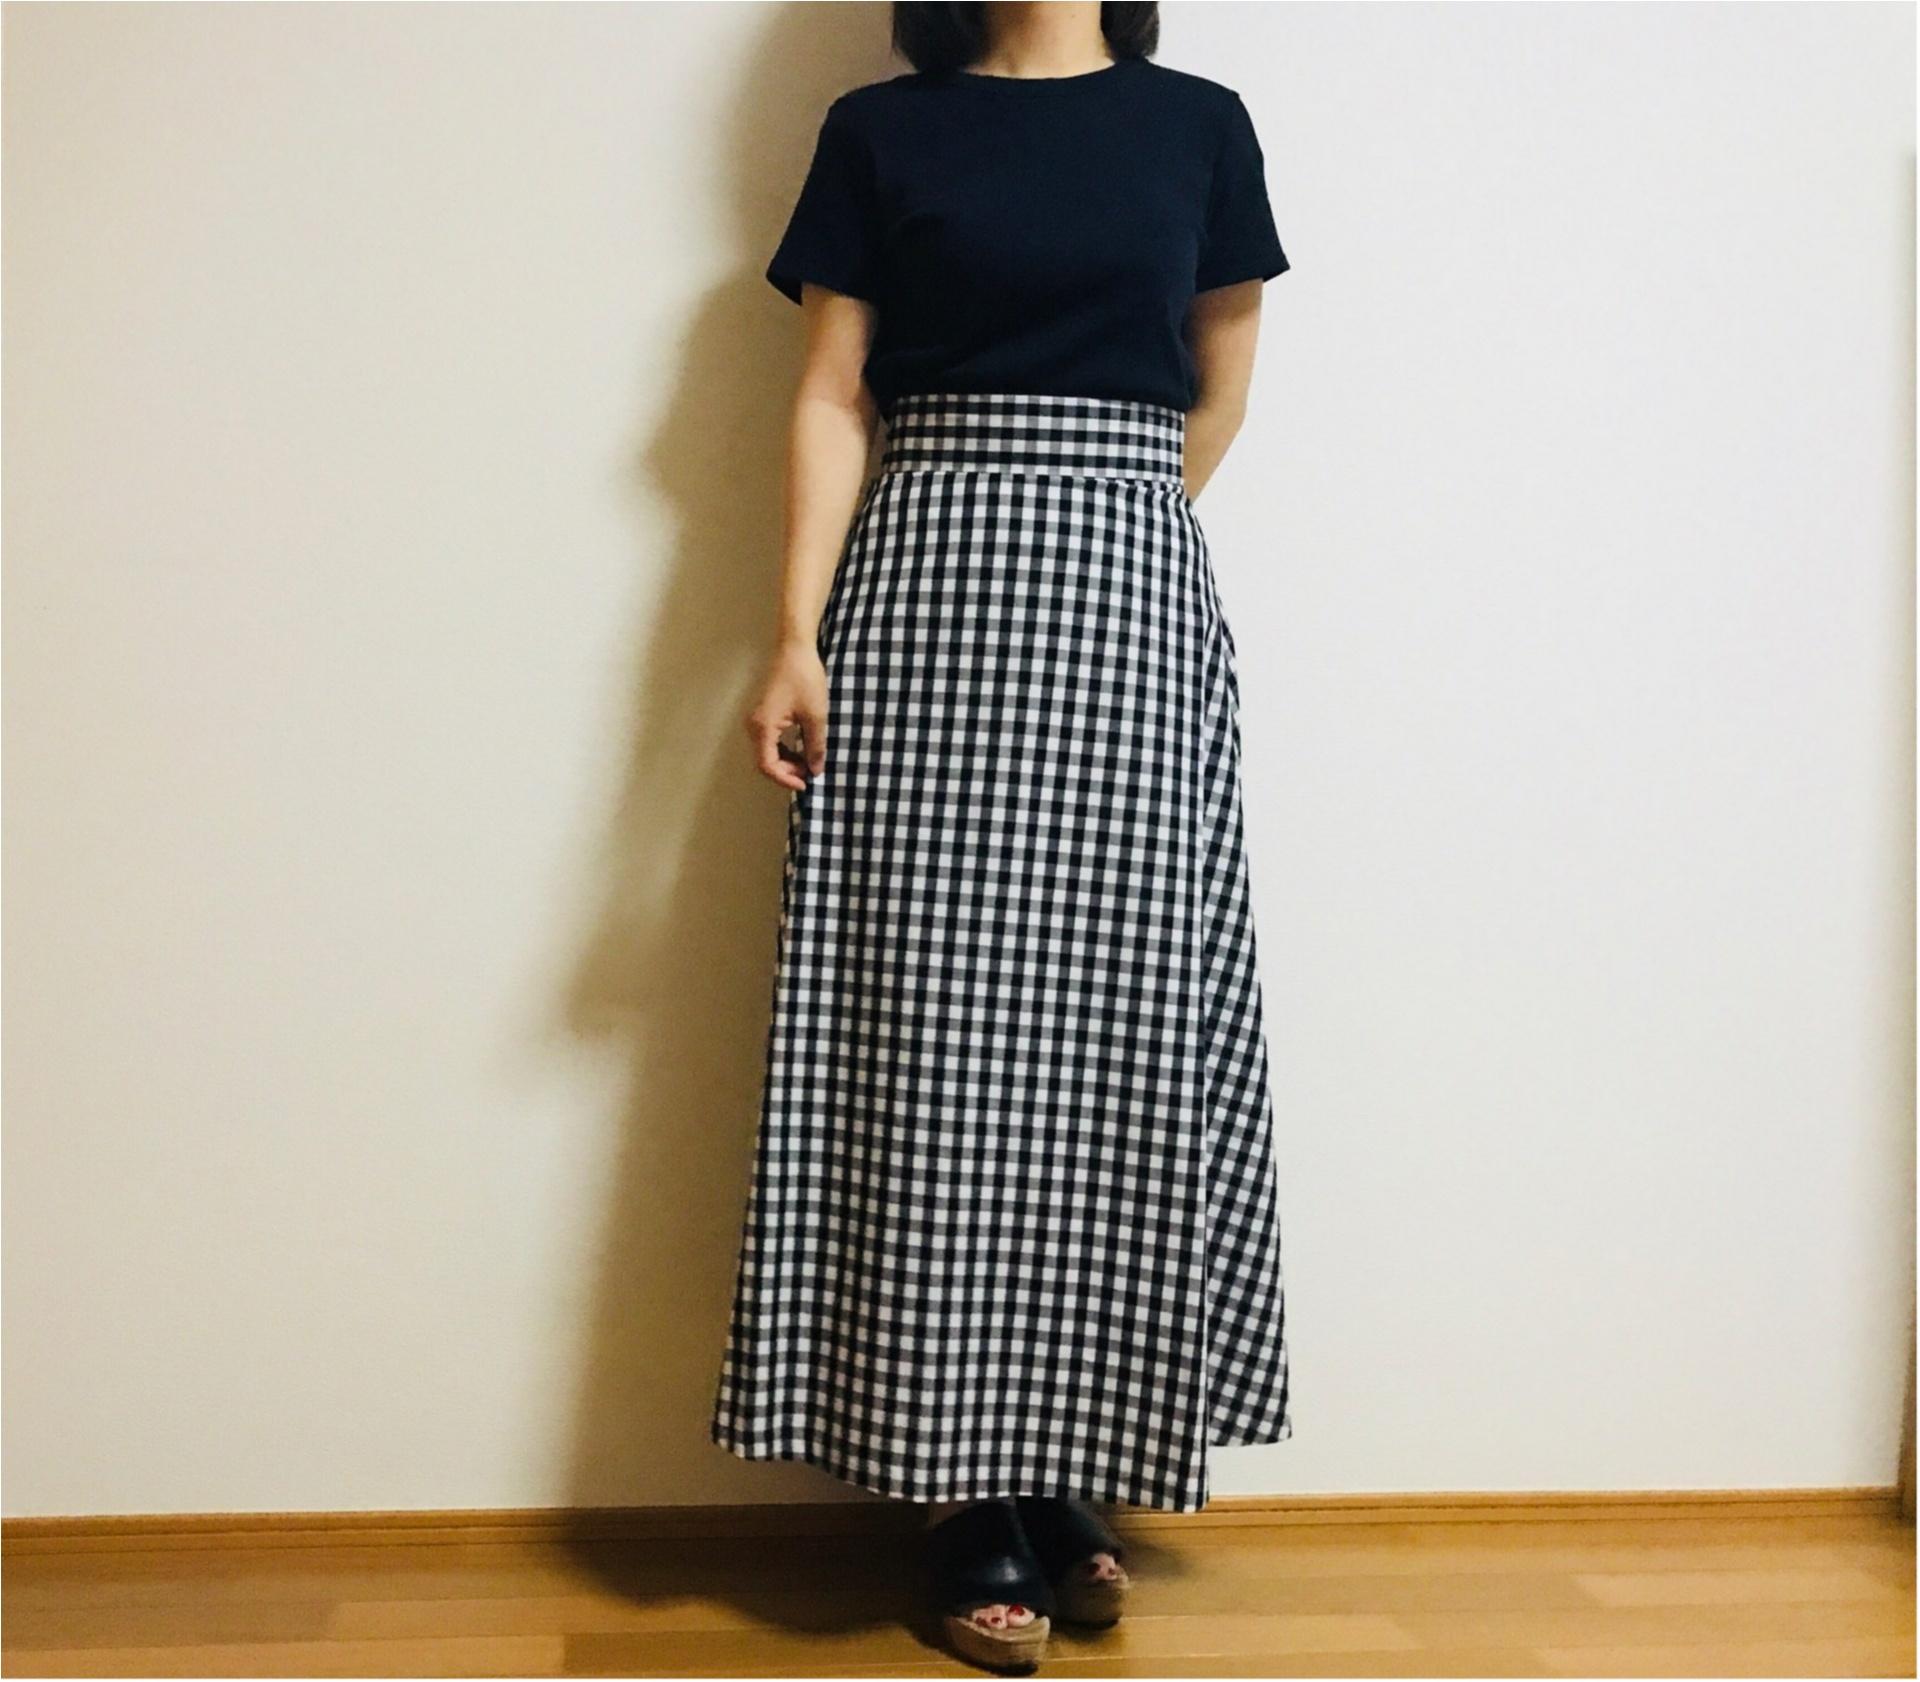 働く女子向け!「GU」新作まとめ【2018年春夏版】_1_30